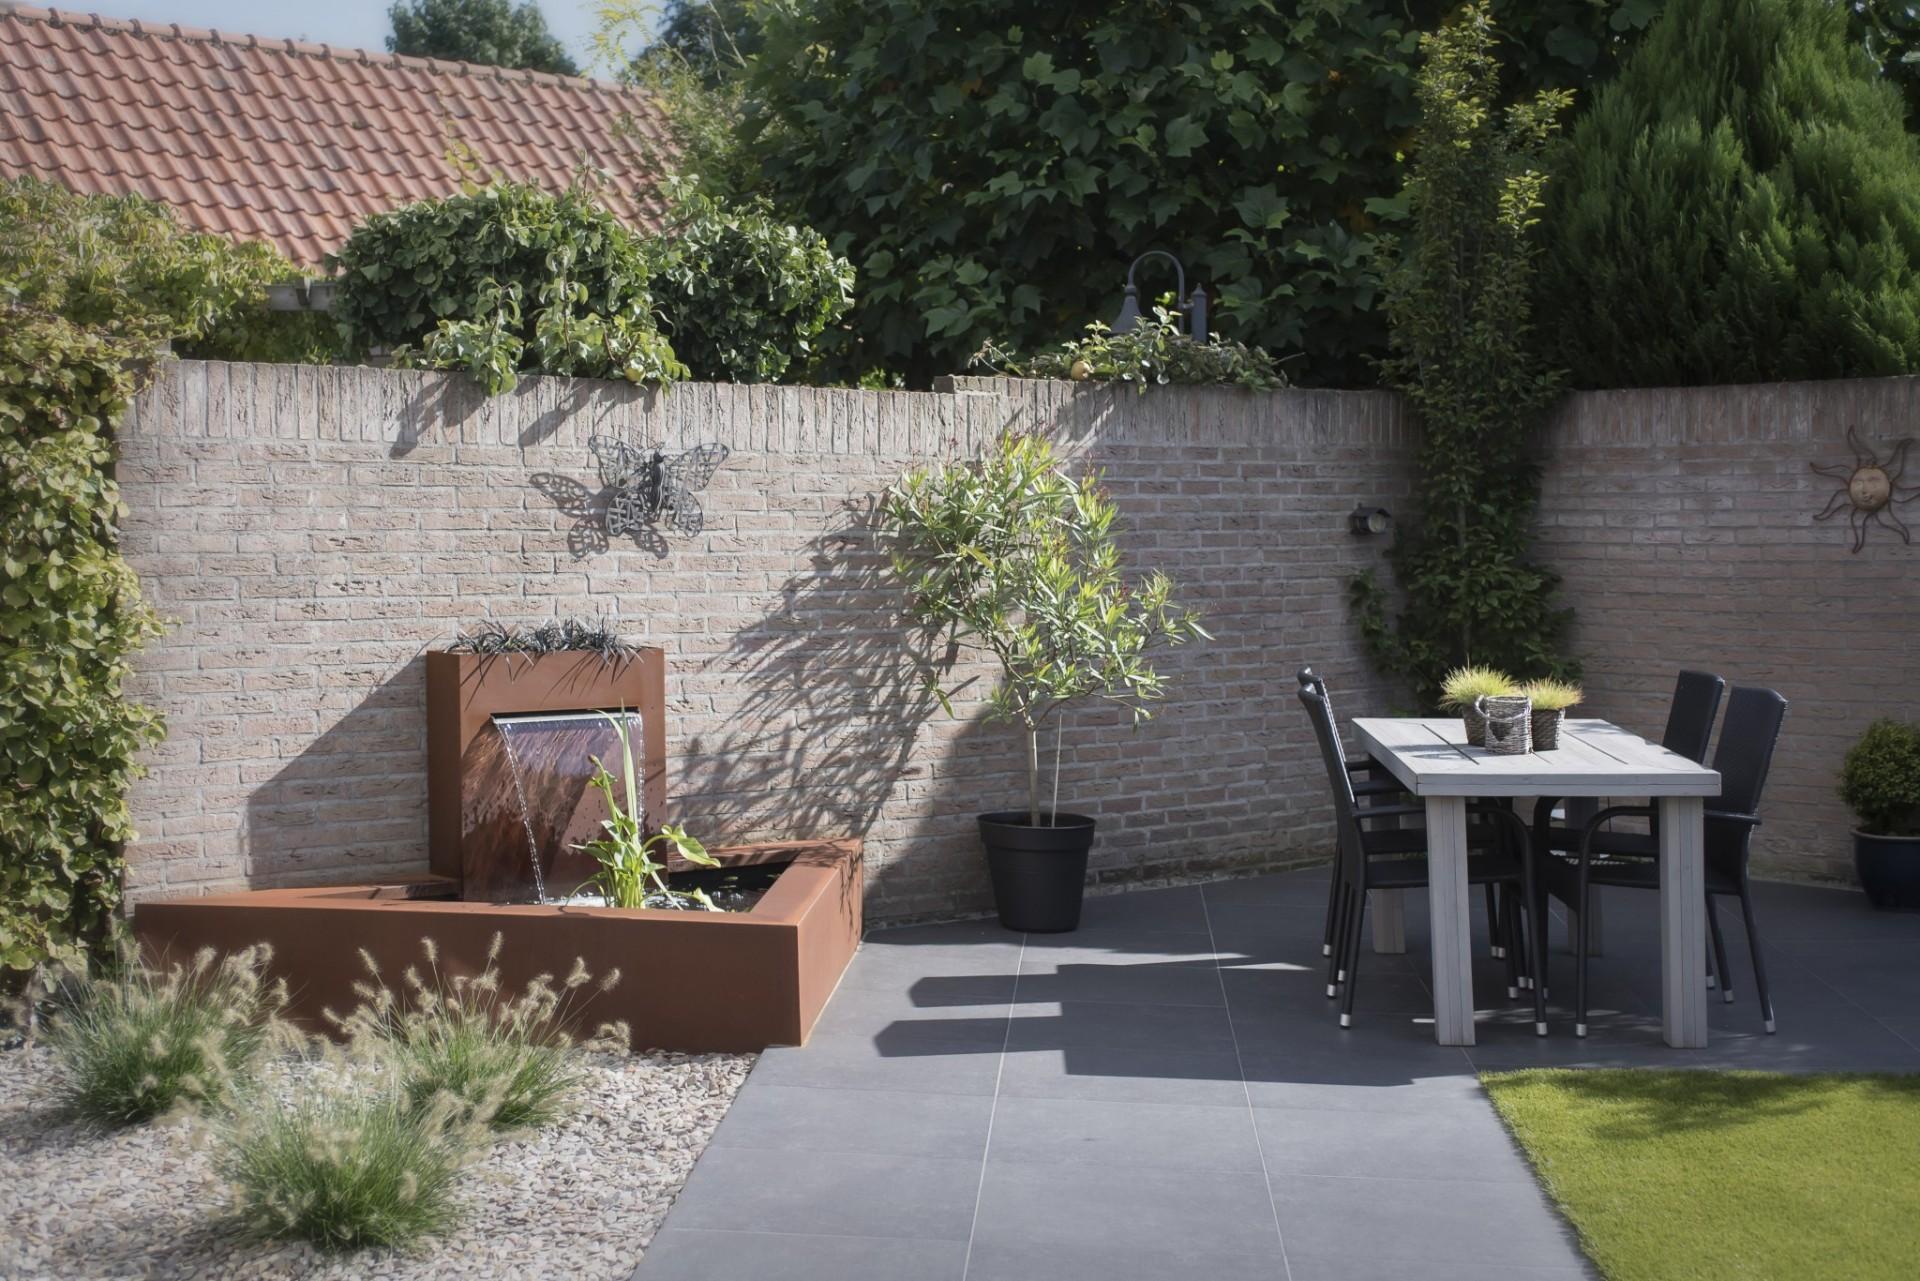 Fam jans boekel een kleine tuin praktisch indelen en for Aanleg kleine tuin